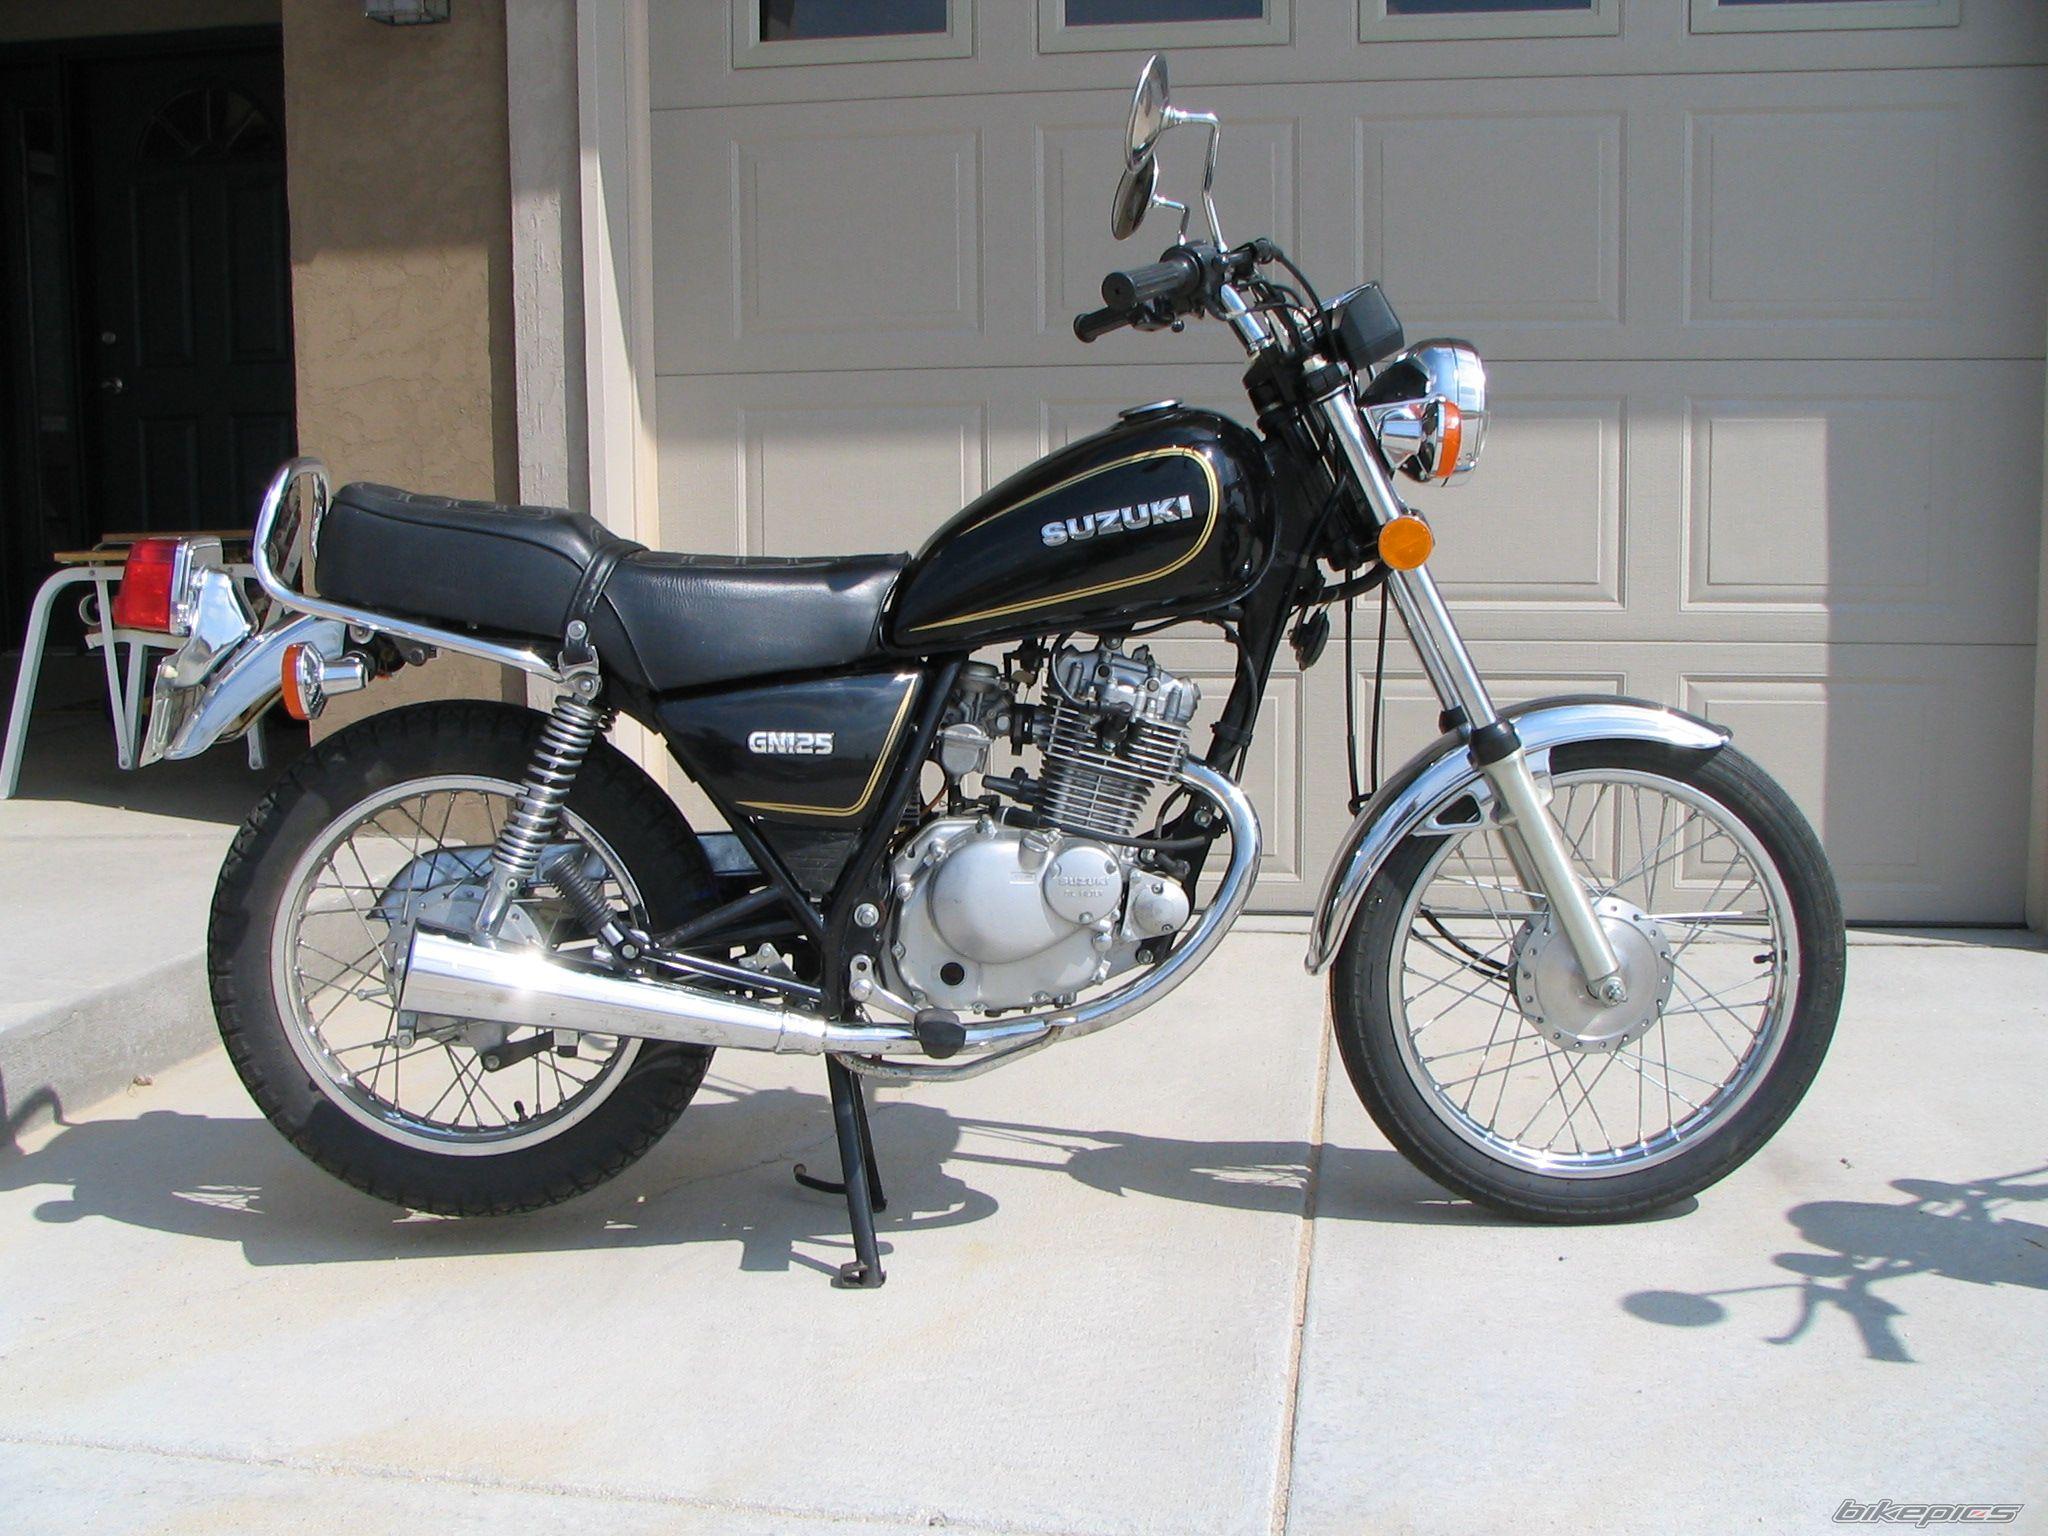 Suzuki Gn Frame